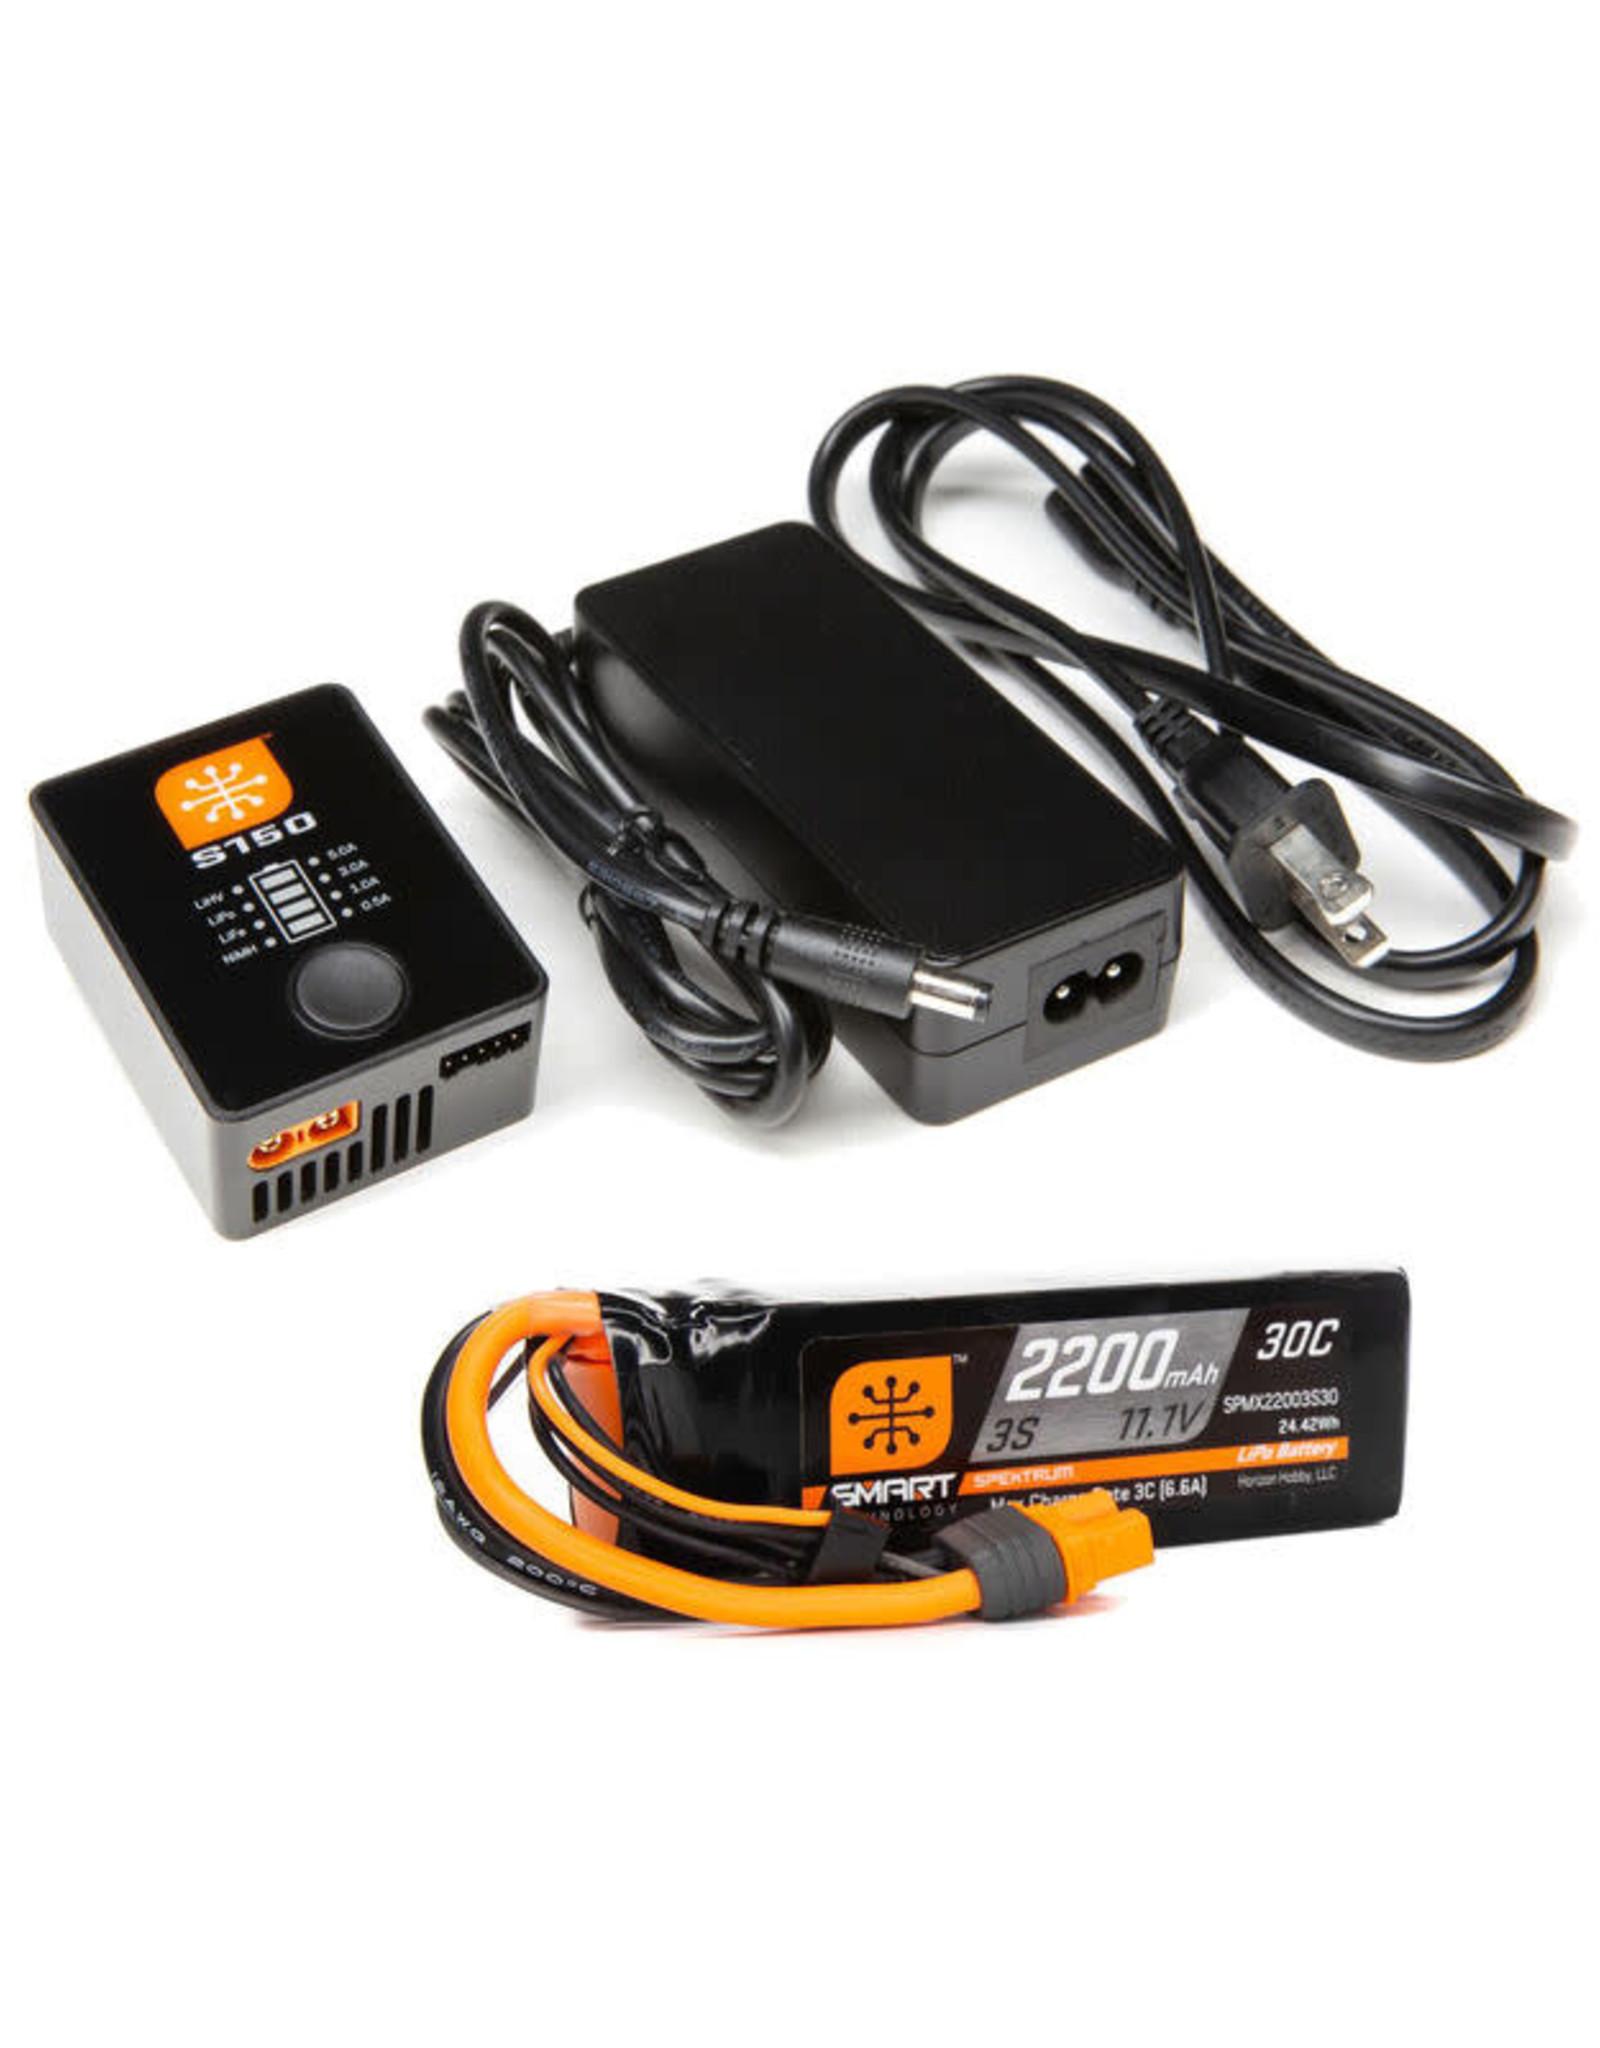 spektrum SPMXPSA3 Smart PowerStage Air Bundle: 3S